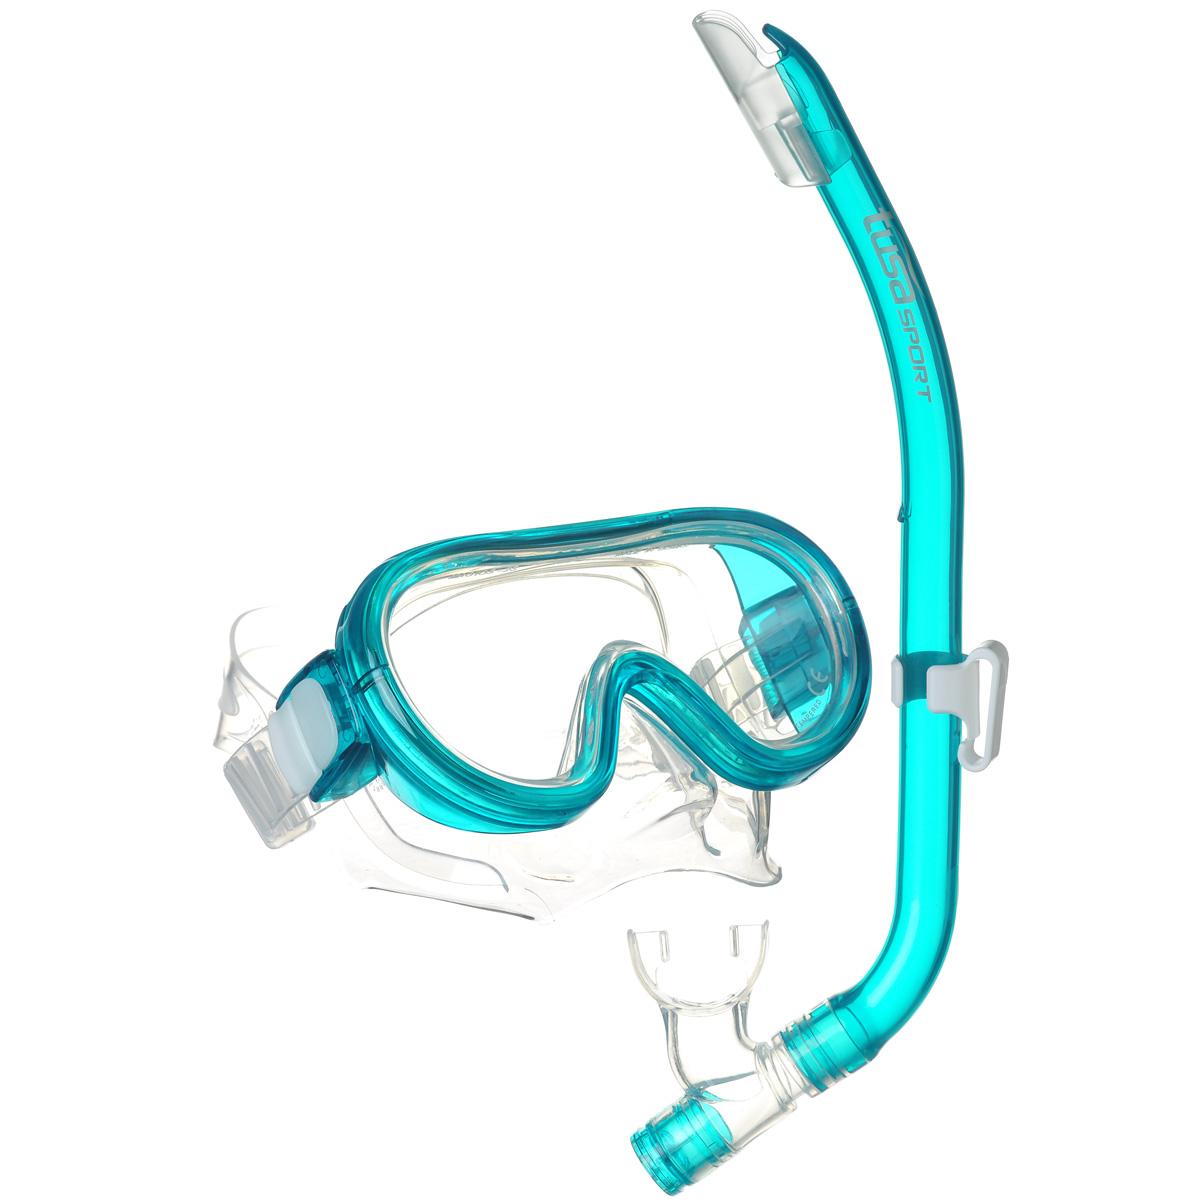 Комплект детский для плавания Tusa Sport UCR1214 CGR, (маска+трубка), цвет: бирюзовыйTS UC1214 CGRКомплектTusa Elite Mini-Platina состоит из маски и трубки. Однолинзовая маска с маленьким подмасочным объемом, увеличенным полем зрения, регулируемым ремешком с пряжками, линзой из закаленного стекла ClearVu, ремешком и обтюратором из гипоаллергенного силикона. Трубка оснащена запатентованной технологией Tusa Hyperdry, защищающей трубку от попадания воды, дренажной камерой и стравливающим клапаном для легкой очистки трубки от воды, а гофрированный сегмент и загубник выполнены из прозрачного гипоаллергенного силикона.Комплект Tusa Elite Mini-Platina станет прекрасным дополнением к ластам UF-14Z или UF-21. Подходит для детей 6-12 лет. Характеристики: Материал: поликарбонат, силикон, стекло. Размер маски: 15 см х 8 см. Длина трубки: 38 см. Размер упаковки: 45 см х 20 см х 8 см. Изготовитель: Тайвань.